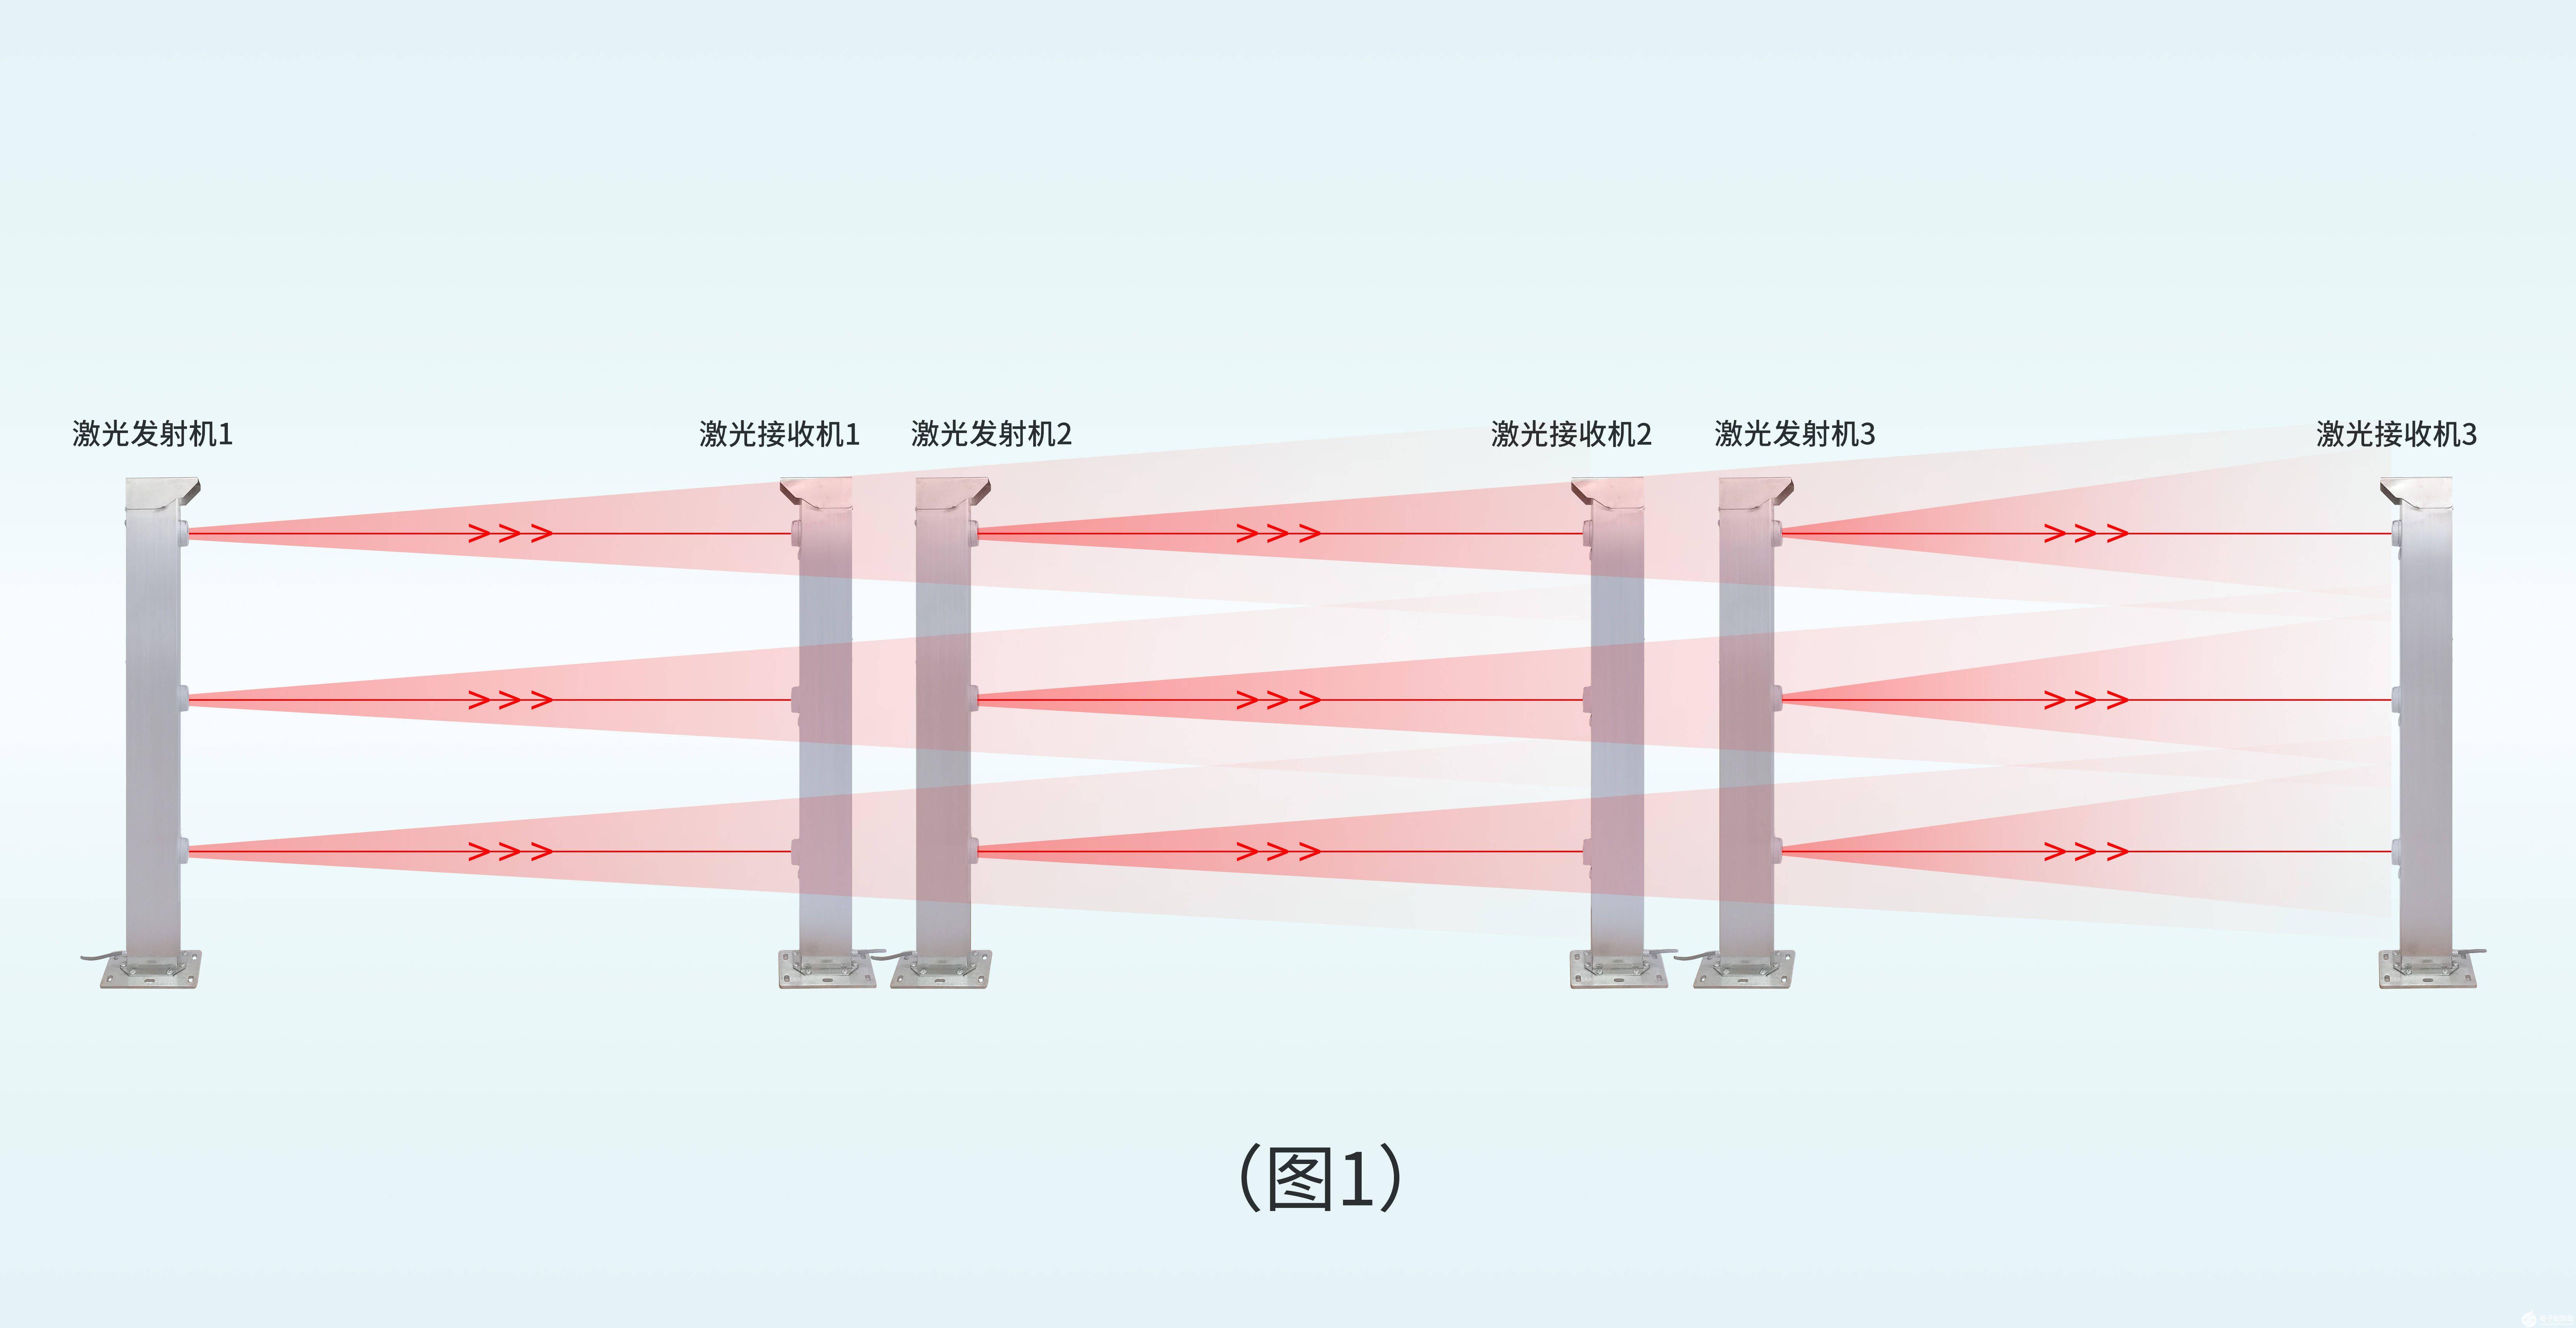 如何解决激光对射探测器在集群应用时容易被干扰和误报的问题